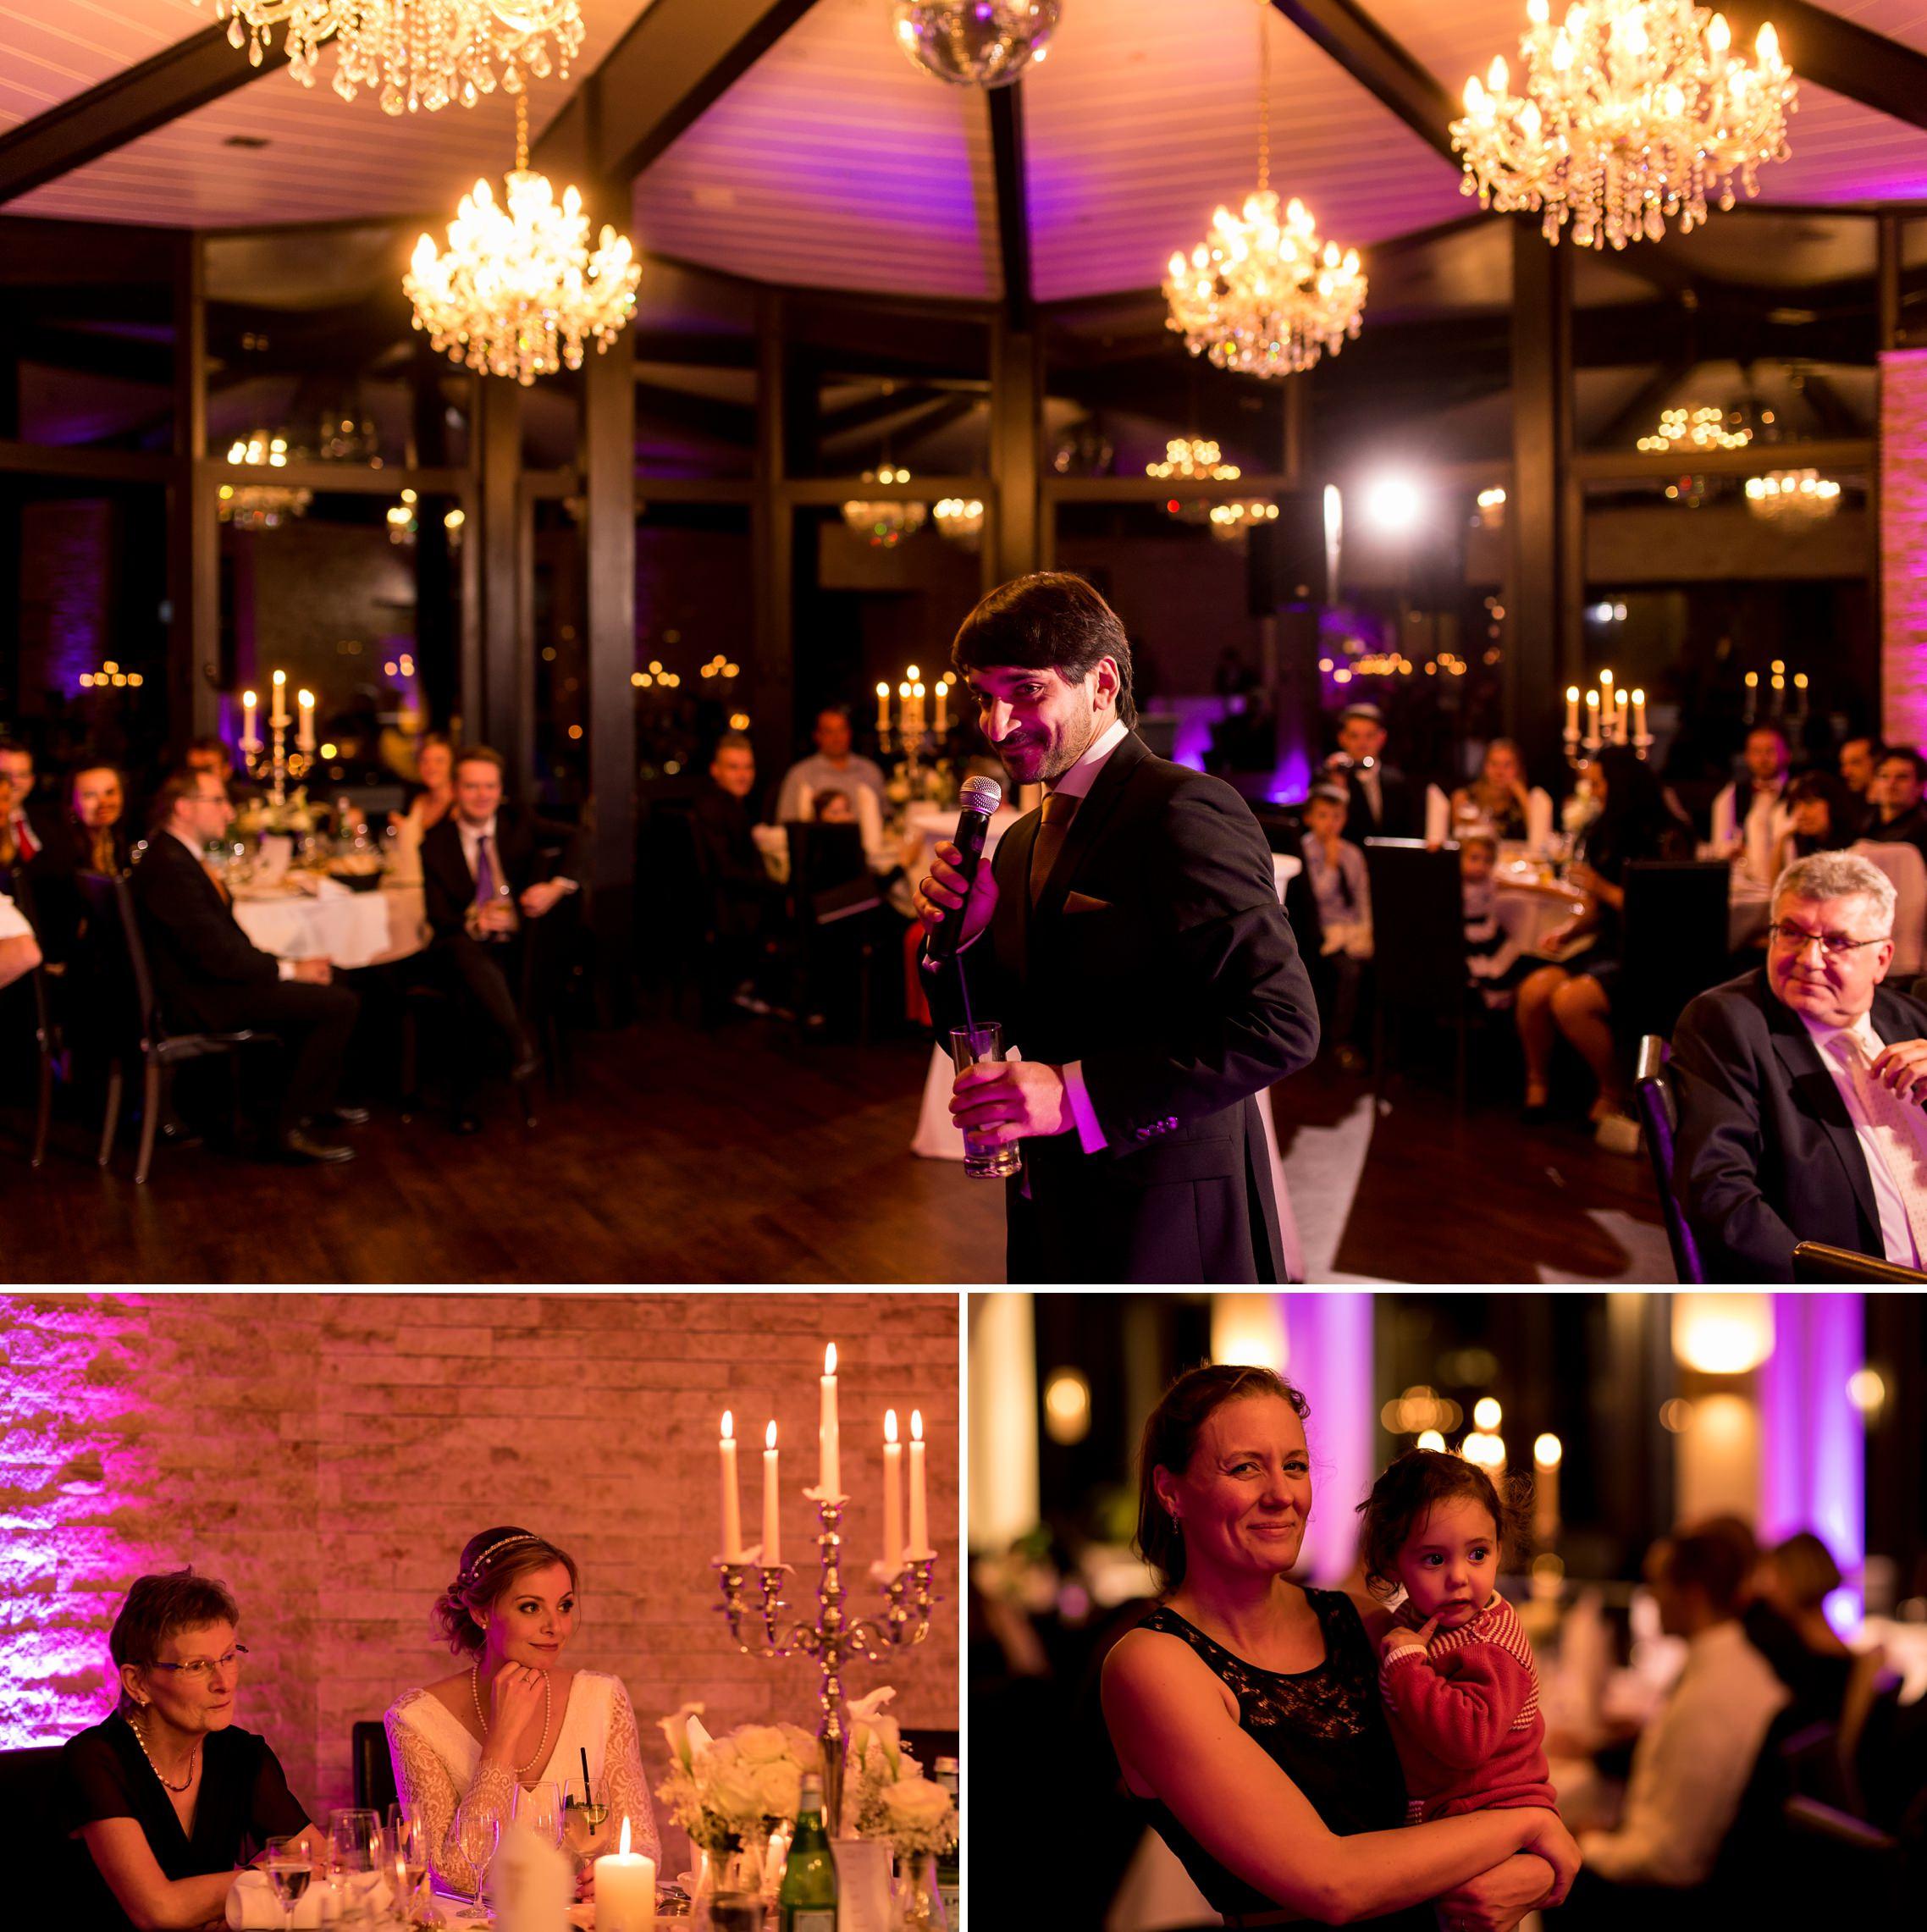 Festliche Lichterstimmung in der Villa Vue während der Rede des Bräutigams